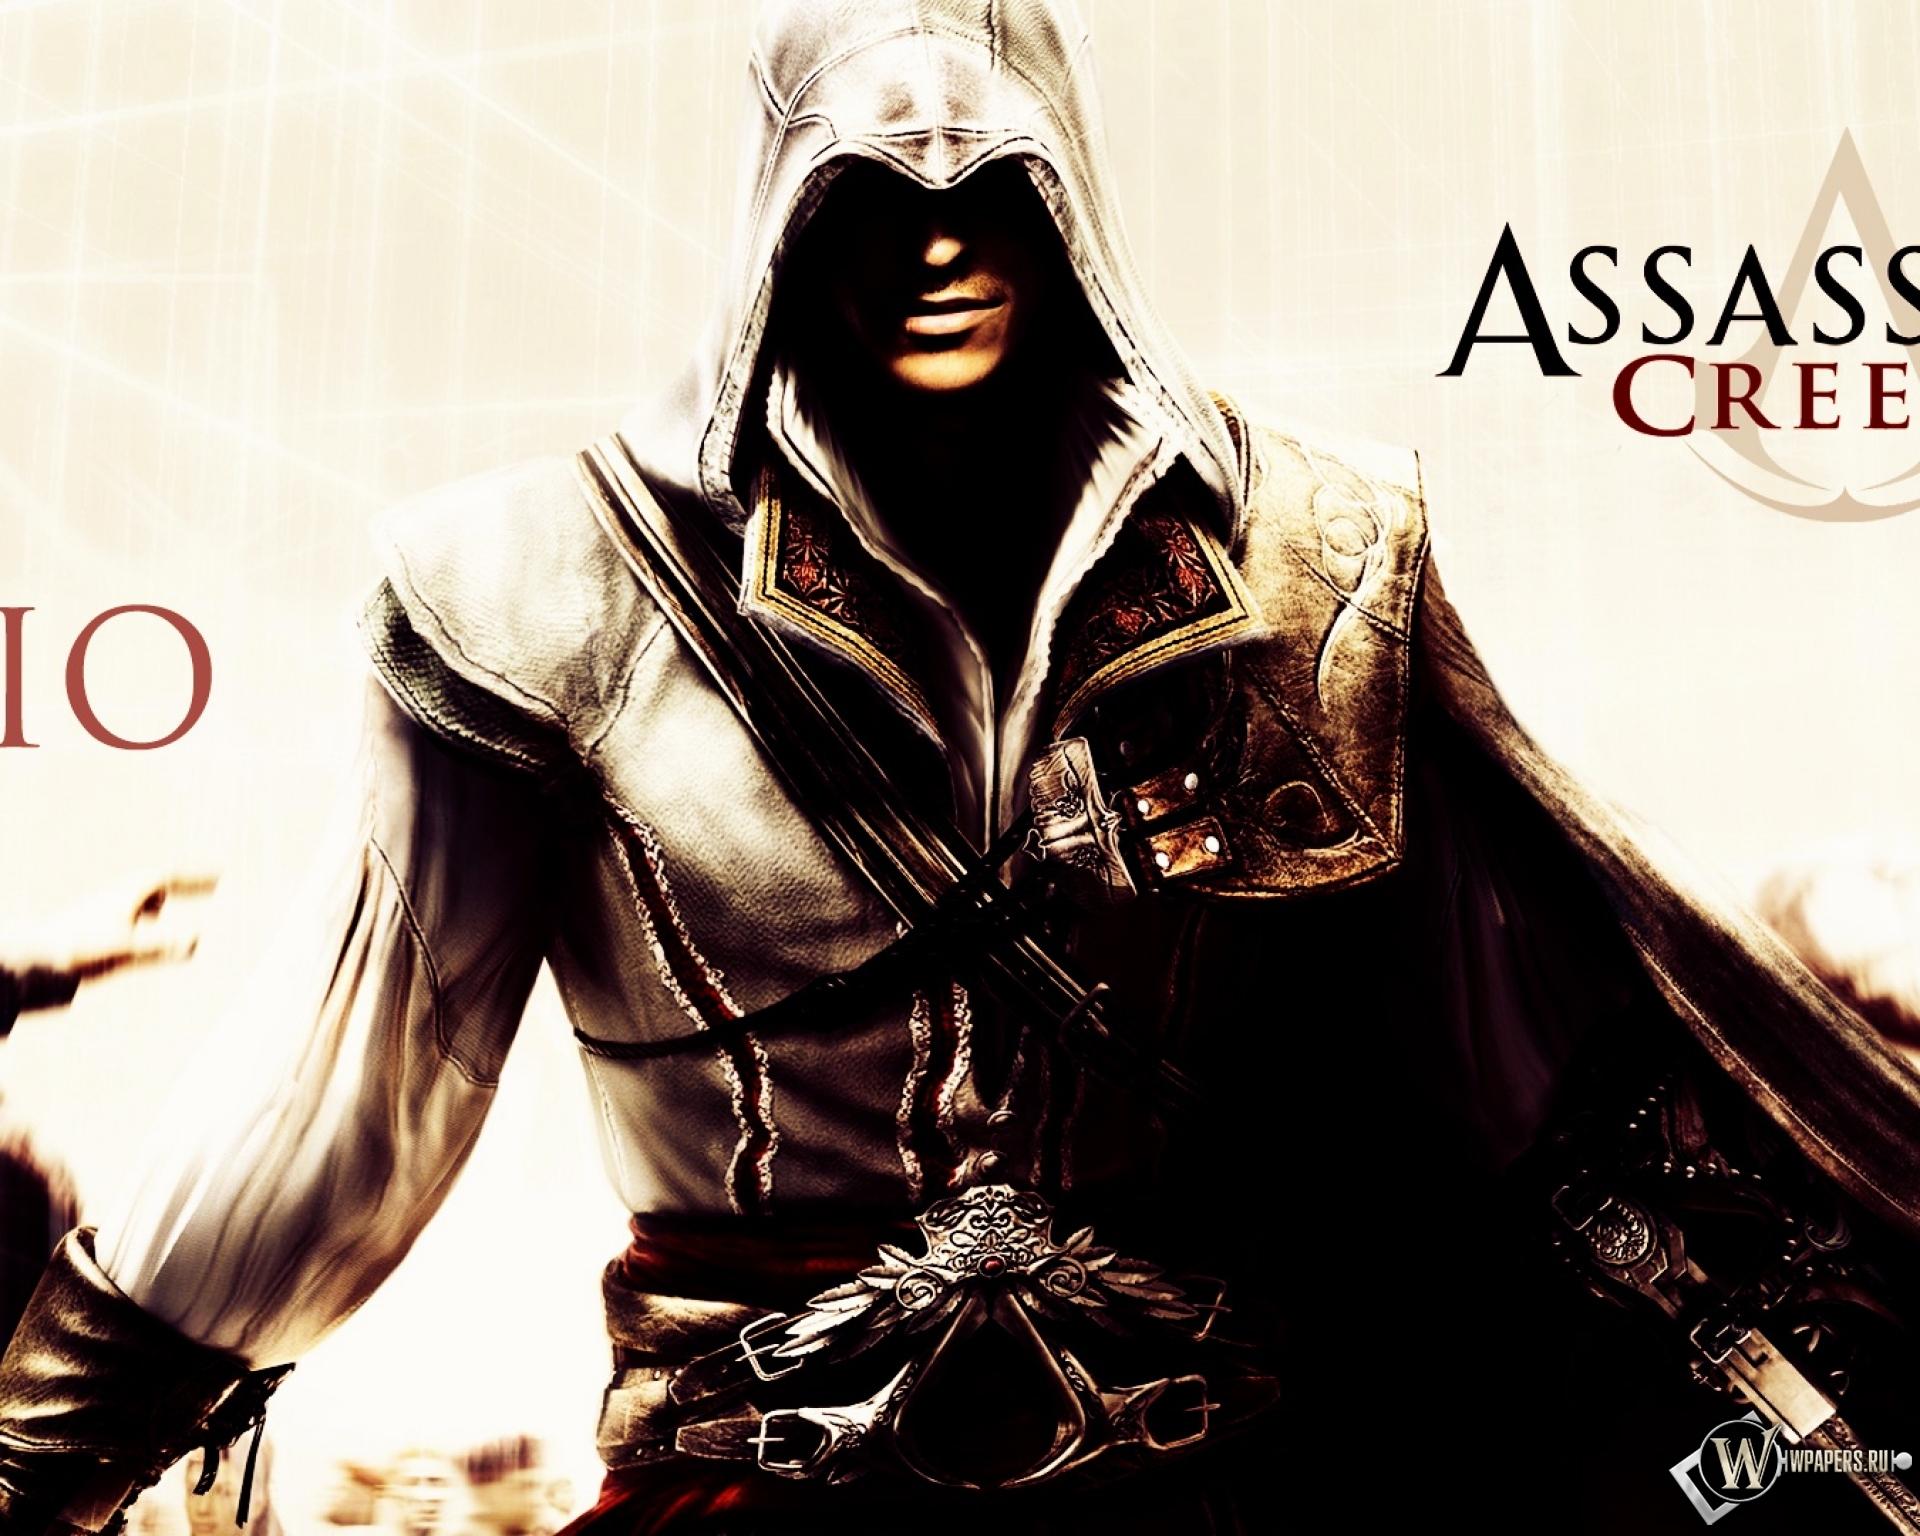 Обои на рабочий стол скачать бесплатно assassins creed 11